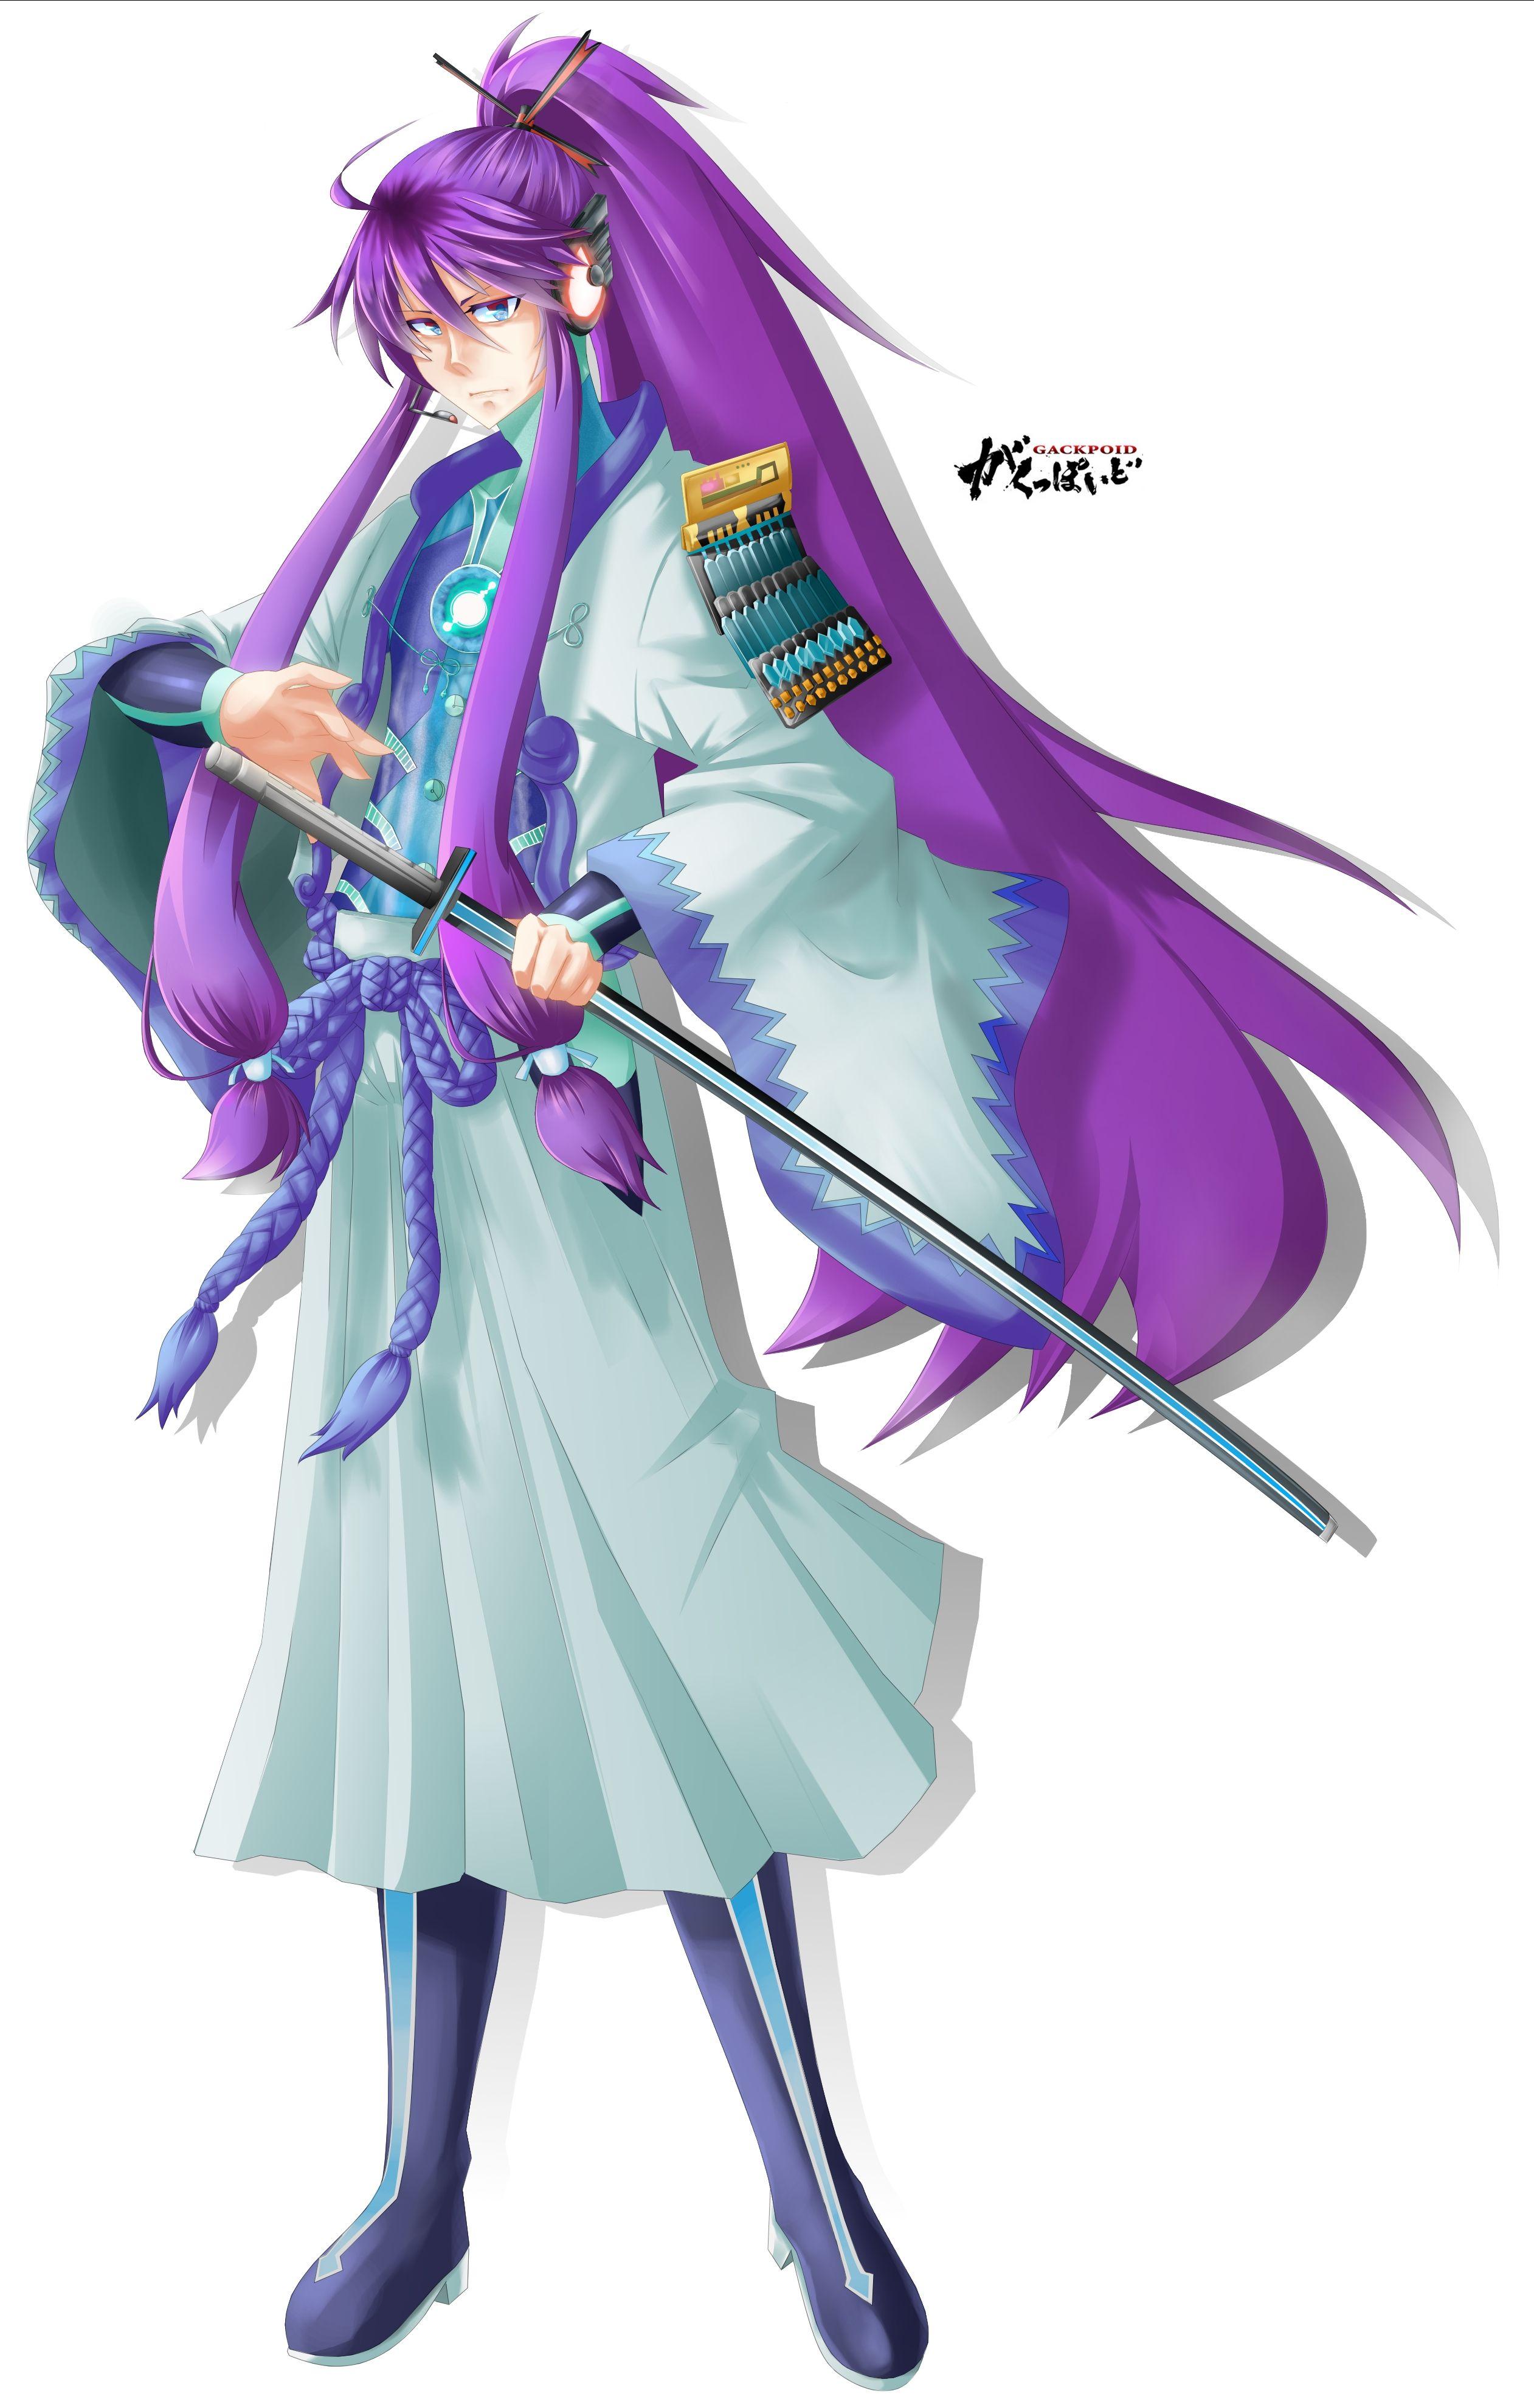 Kamui Gakupo/#1491246 - Zerochan | Vocaloid, Hatsune miku, Anime